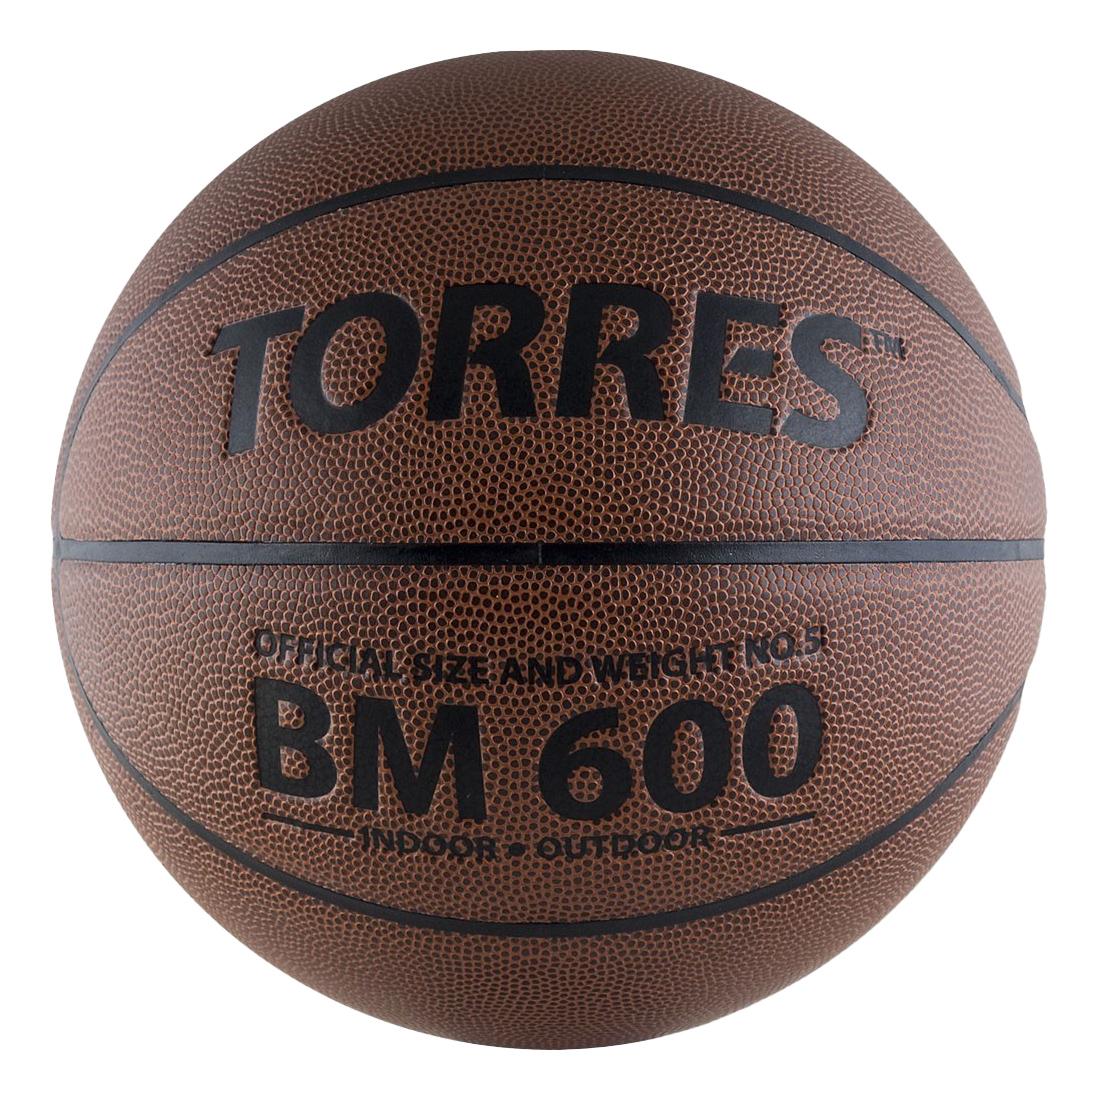 Баскетбольный мяч Torres B10025 №5 brown фото